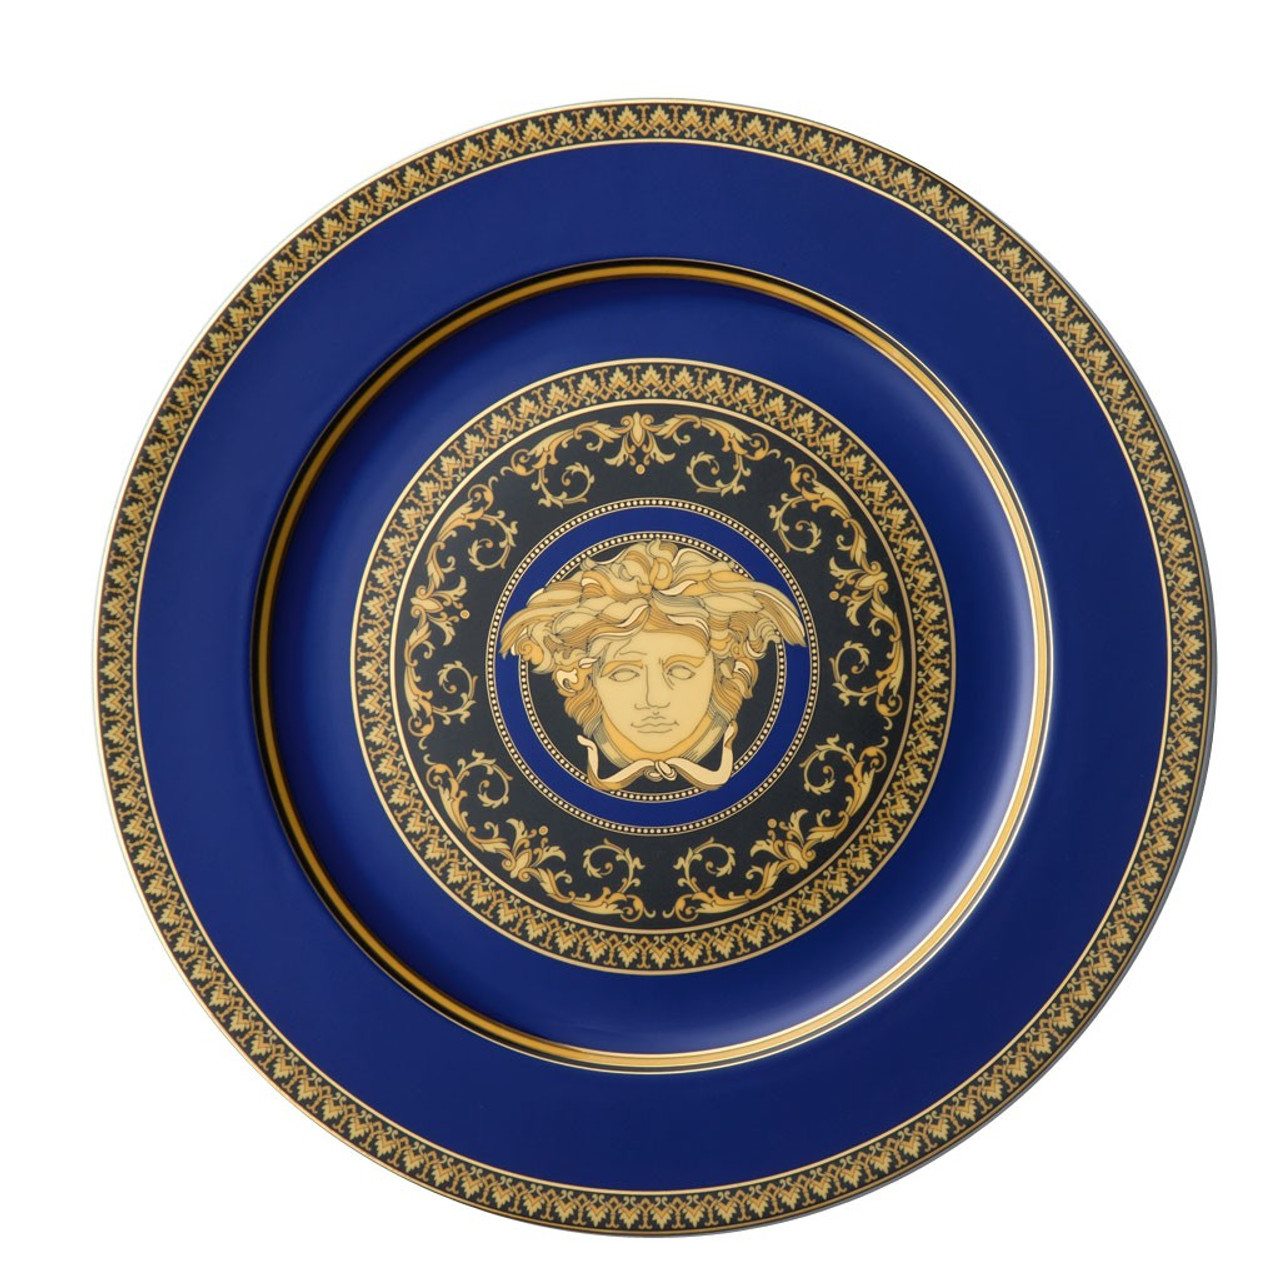 Service Plate 12 inch | Versace Medusa Blue  sc 1 st  Rosenthal & Service Plate 12 inch | Medusa Blue| Rosenthal Shop